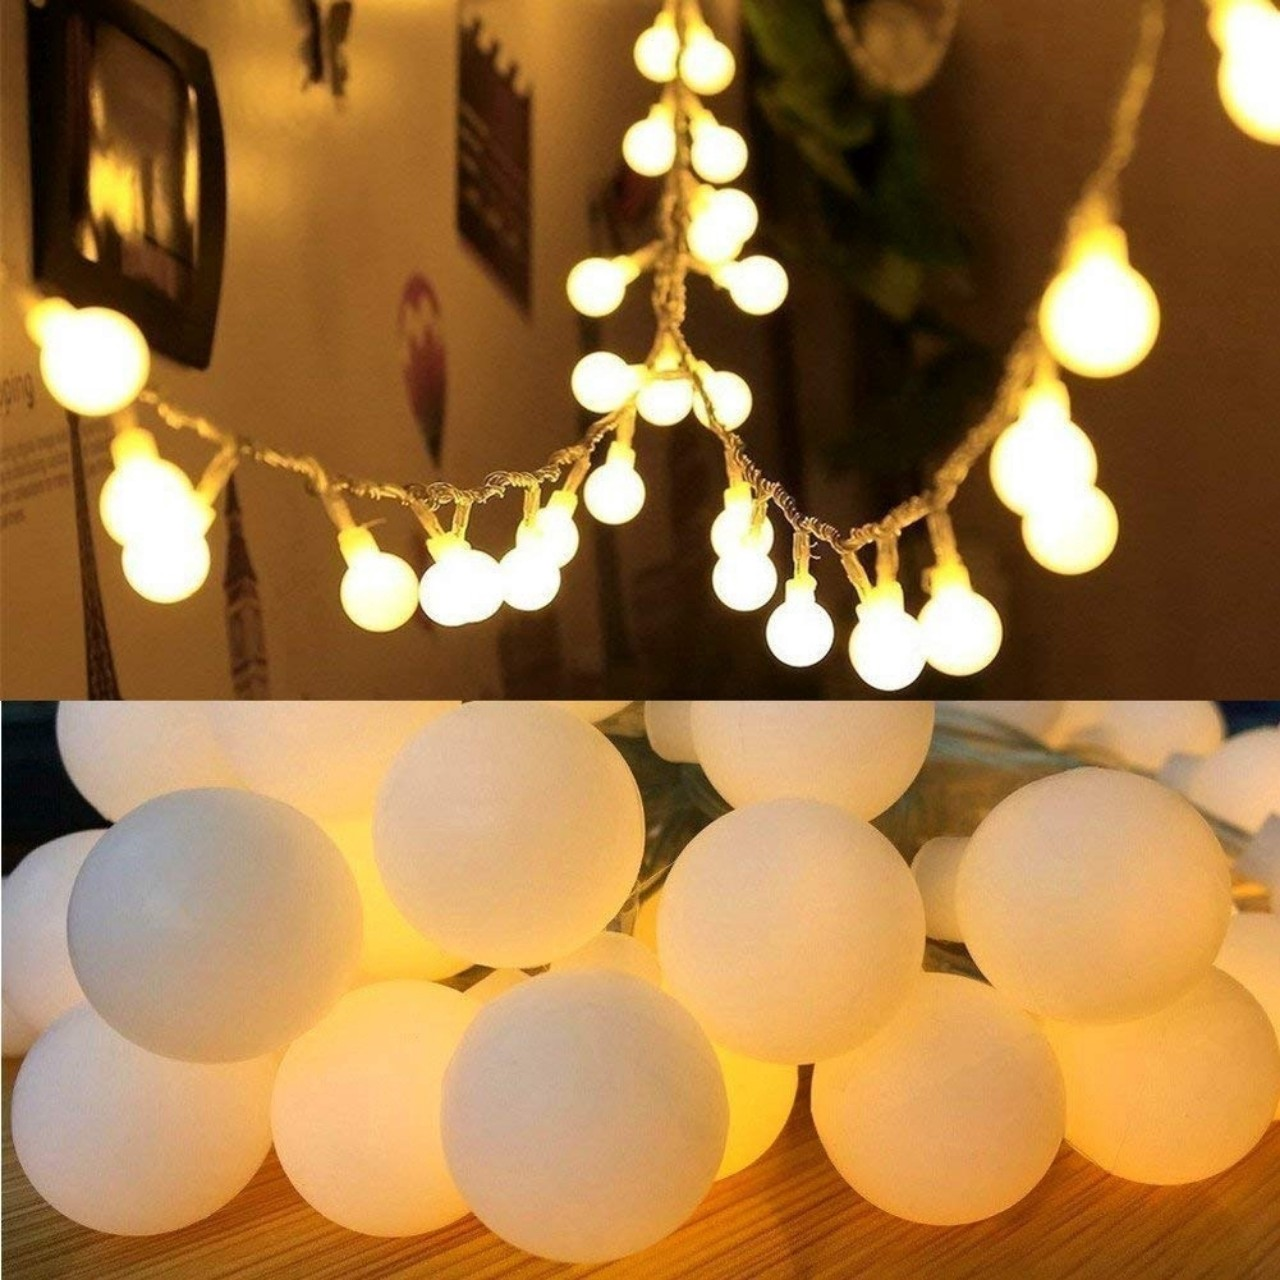 Dây đèn led chipsling ball trang trí nhà cửa, noel, lễ hội bóng tròn nhỏ 2cm sử dụng pin tiểu AA (tặng kèm pin)